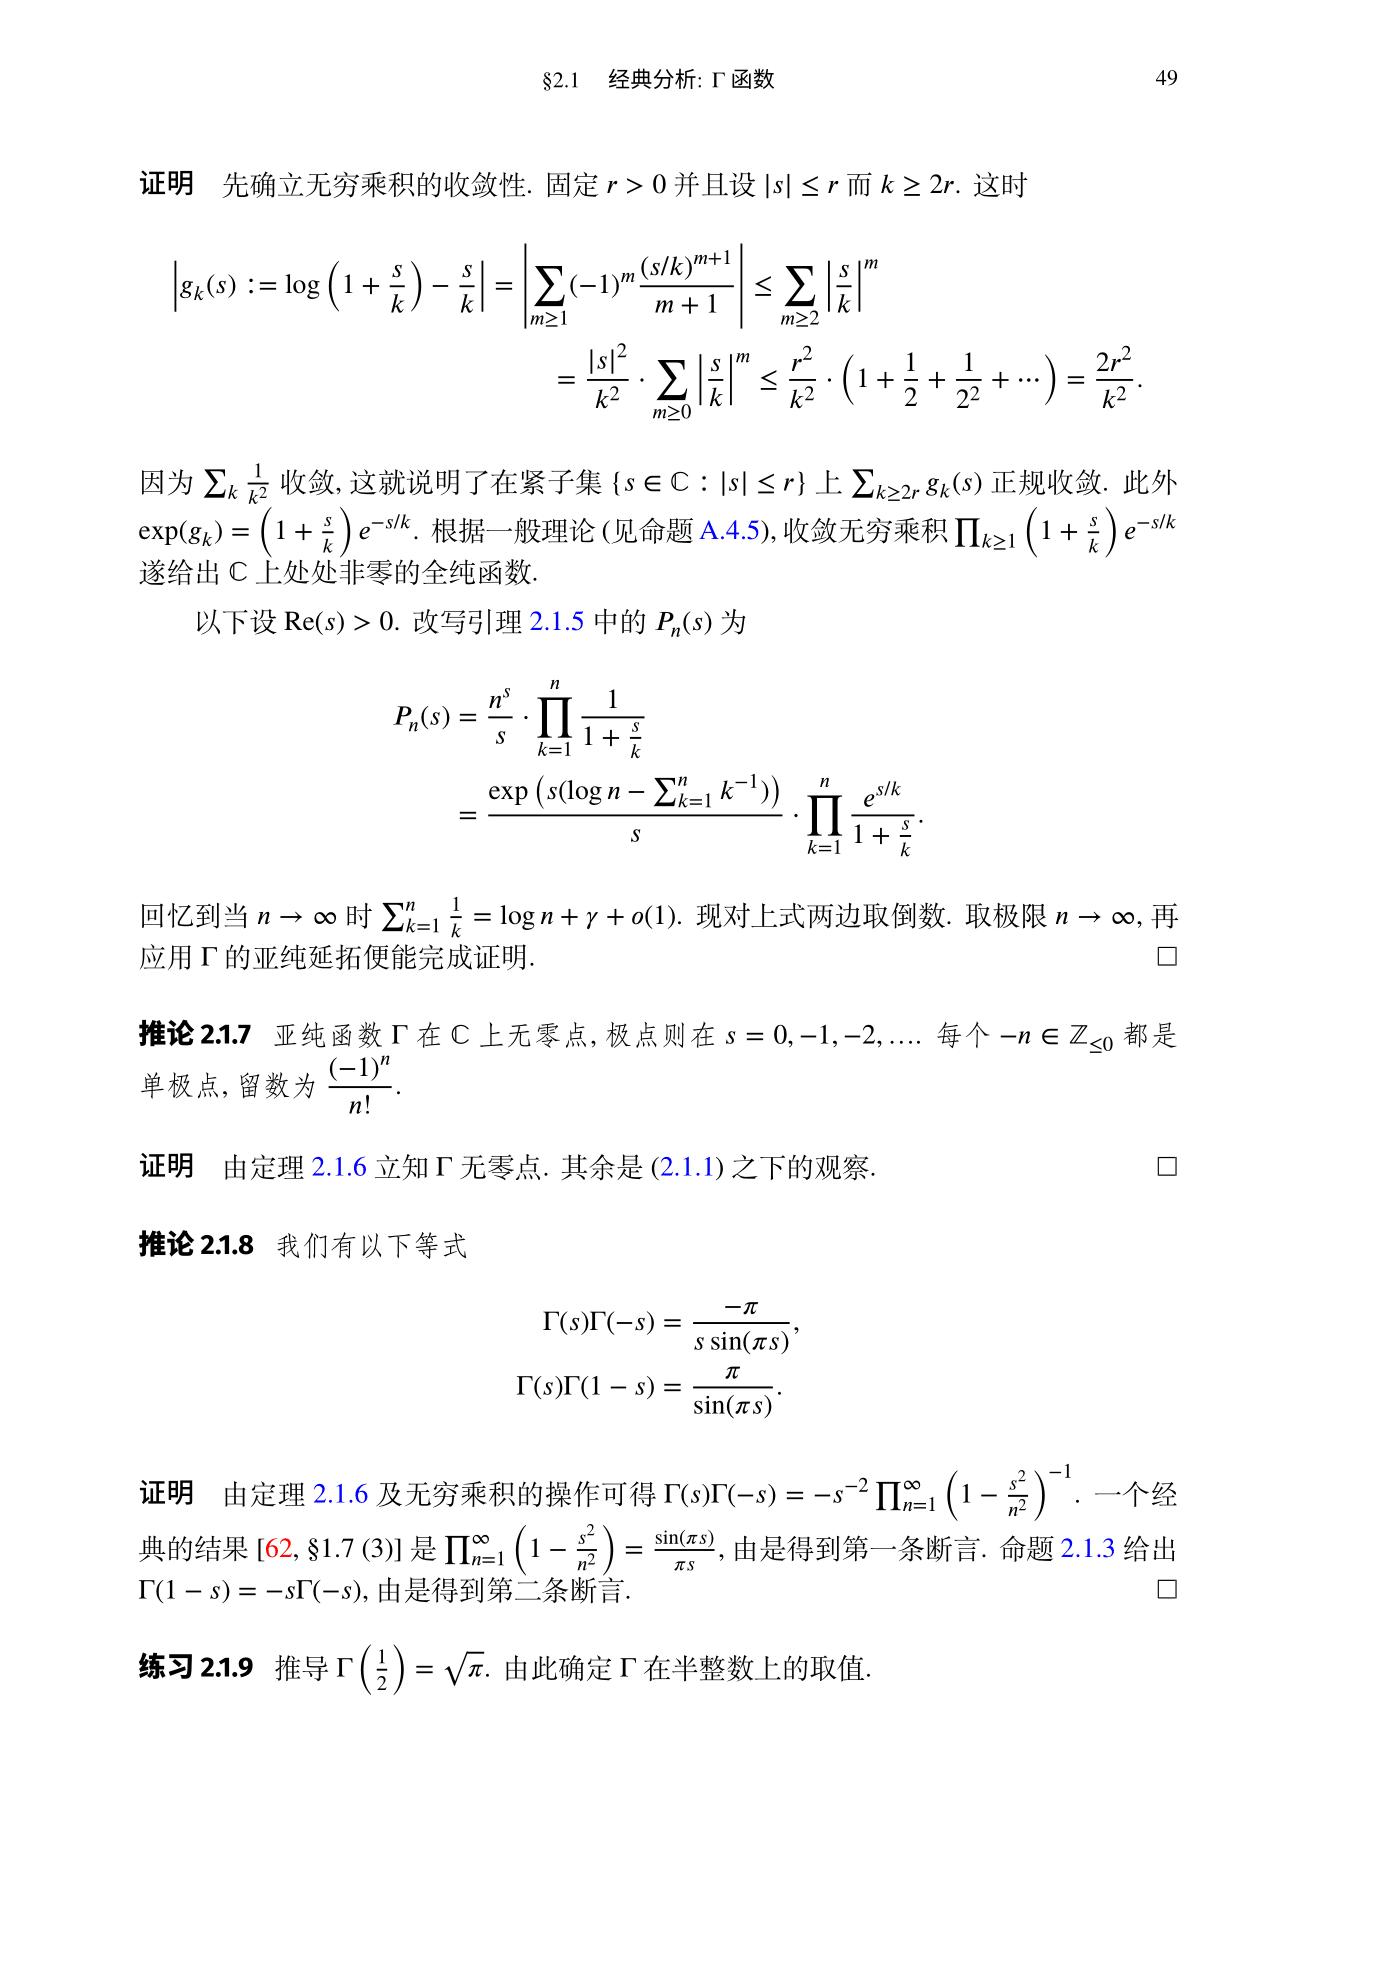 李文威老师 LaTeX 排版《模形式初步》 - 科学出版社出版(含源码)